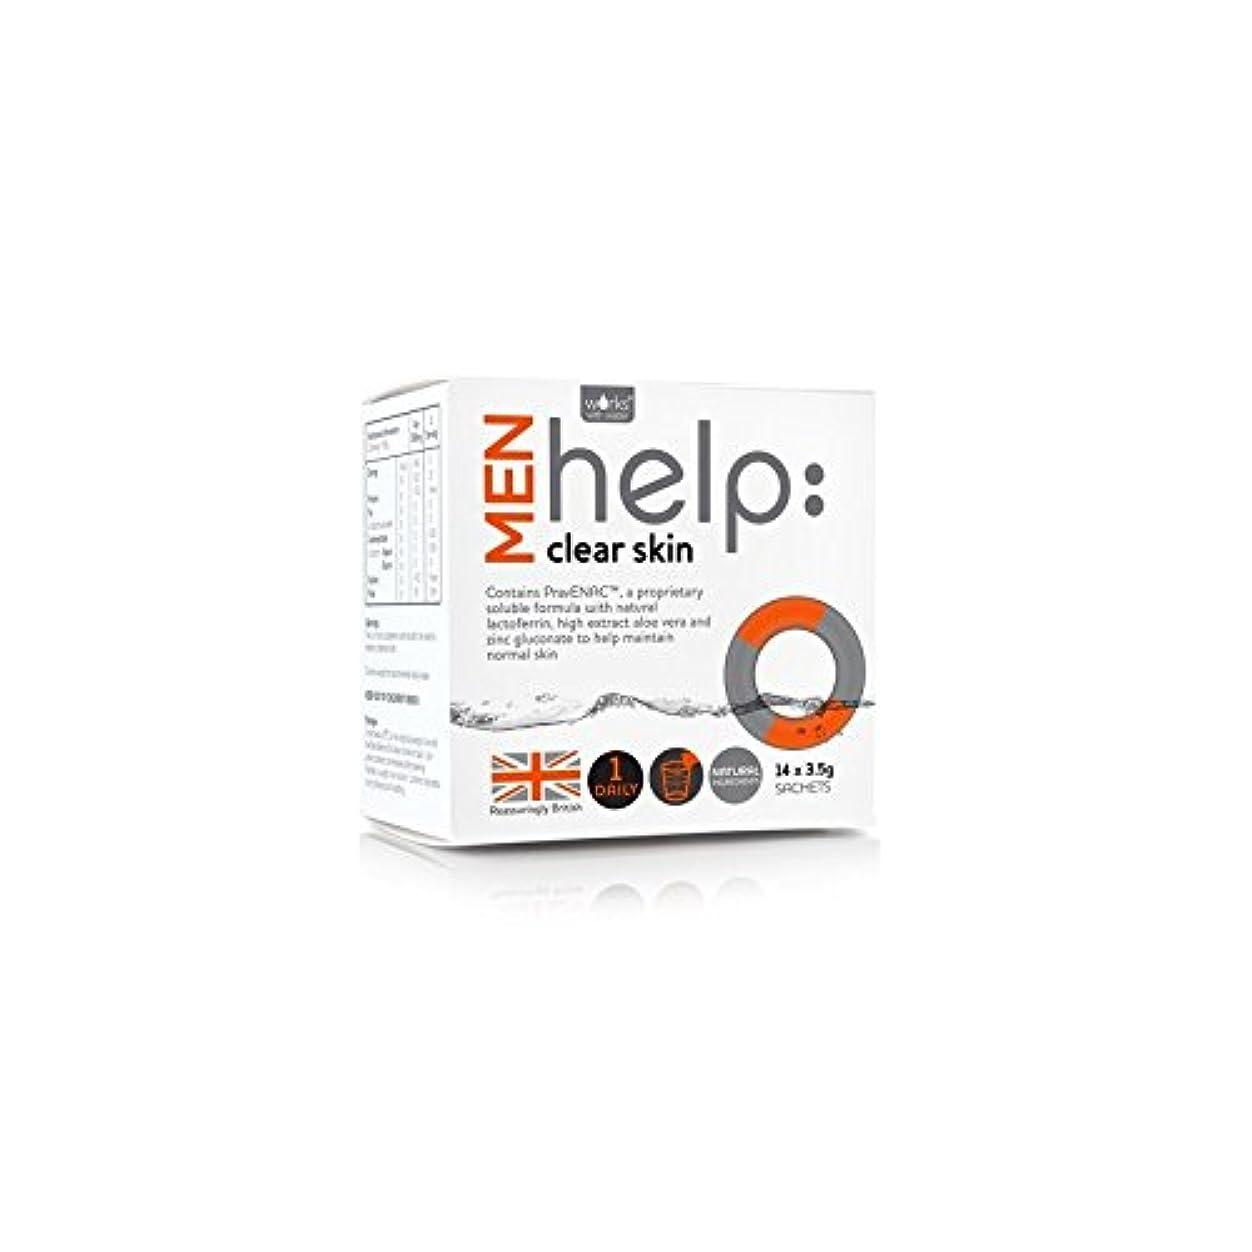 フォージ指定する農奴Works With Water Men's Help: Clear Skin Soluble Supplement (14 X 3.5G) - クリアな肌可溶性サプリメント(14 3.5グラム):水男性の助けを借りて動作...